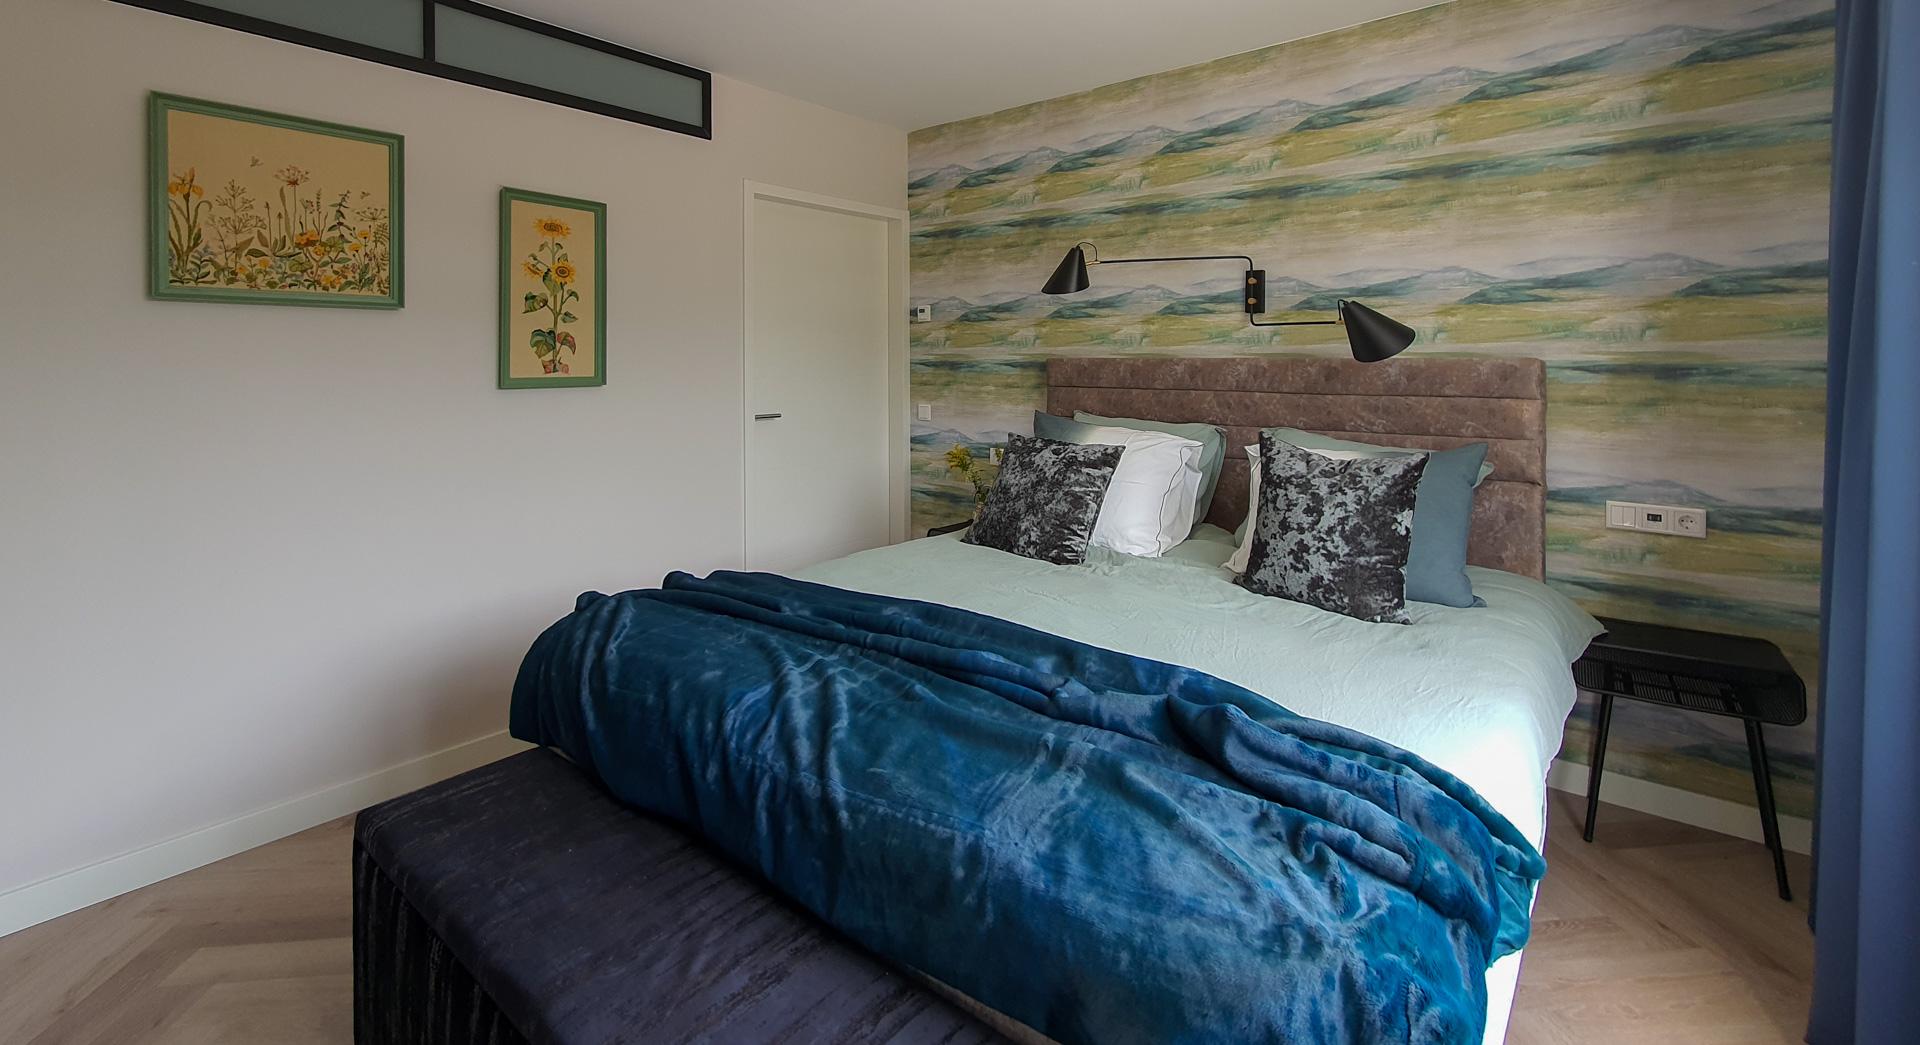 Bedroom overview full width